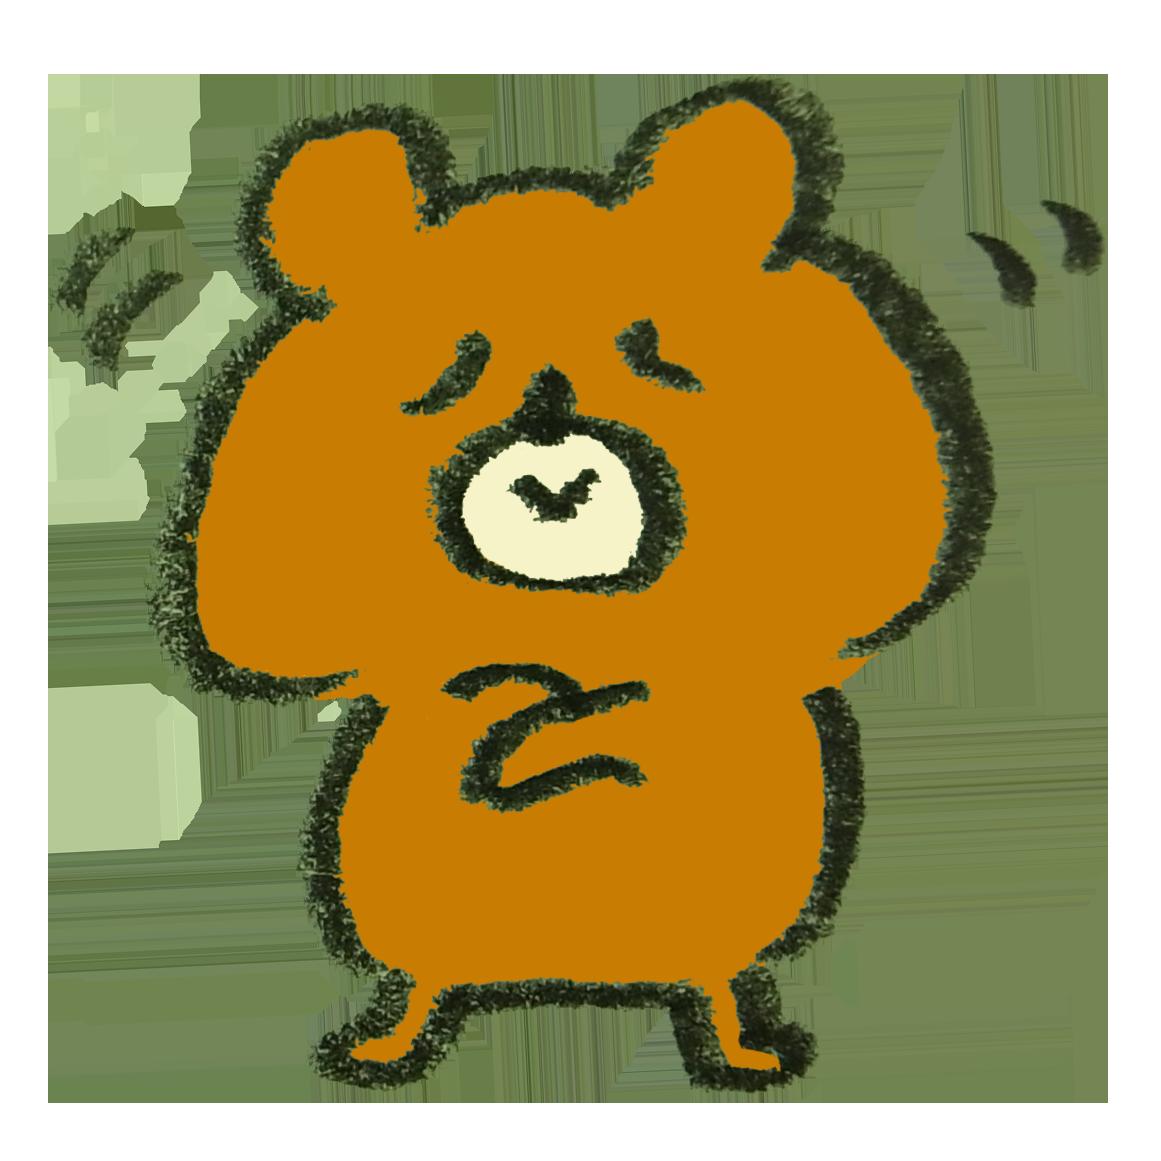 うんうんとうなづく熊のイラスト